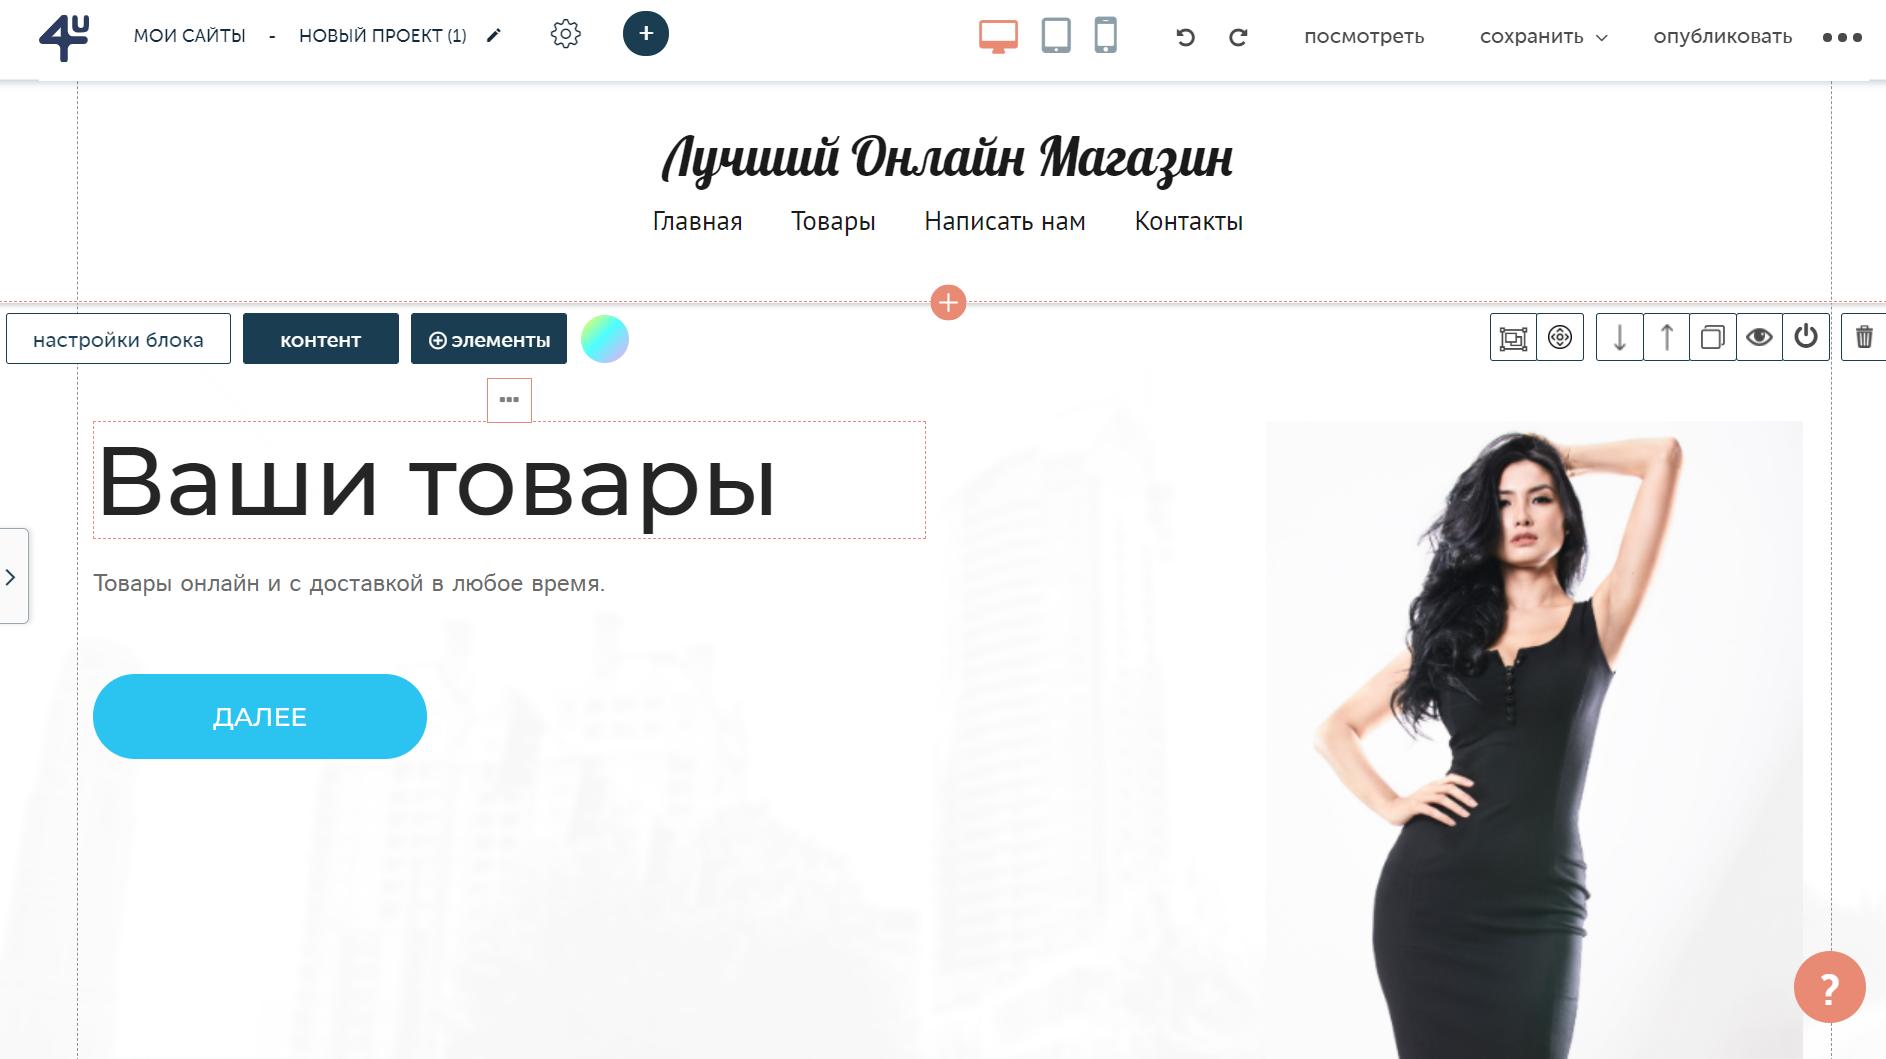 Редактор сайта Fo.ru